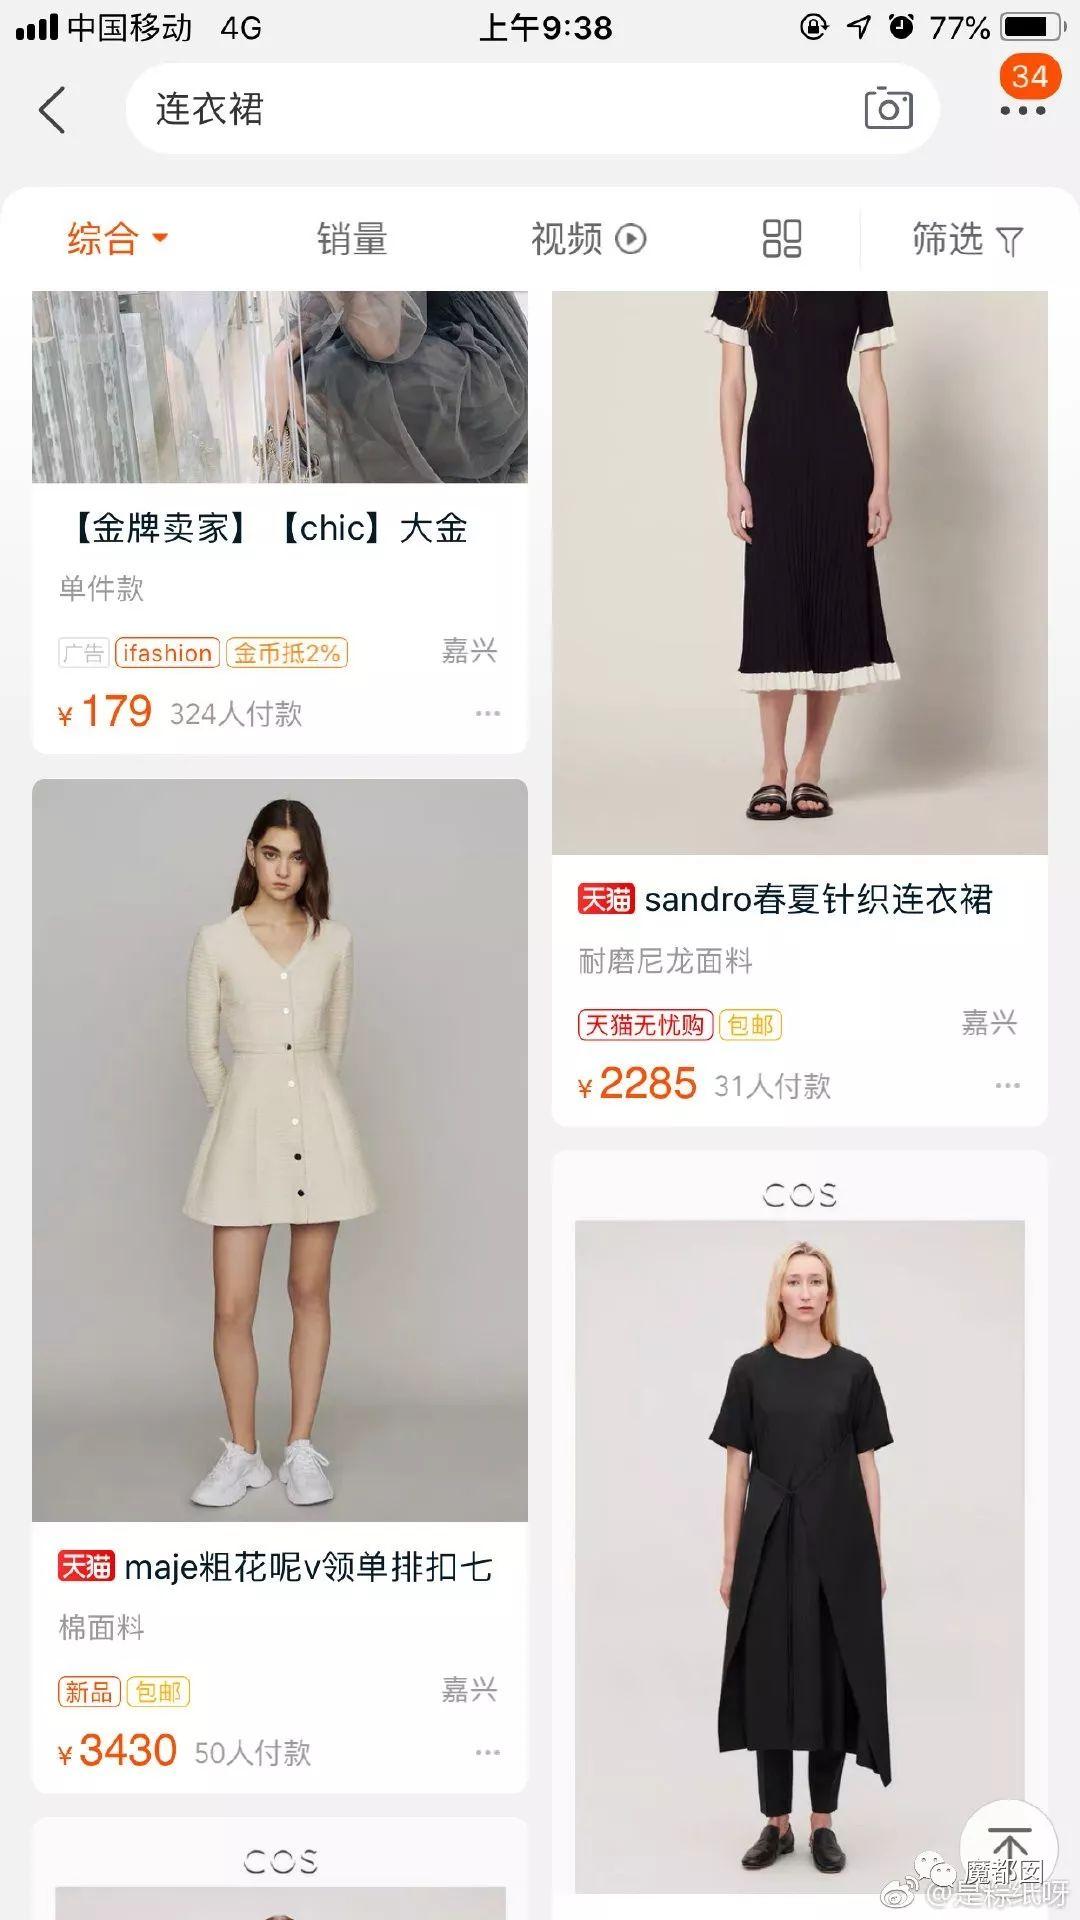 今日热爆!男生只需要在淘宝搜索连衣裙就能准确判断女生人品?